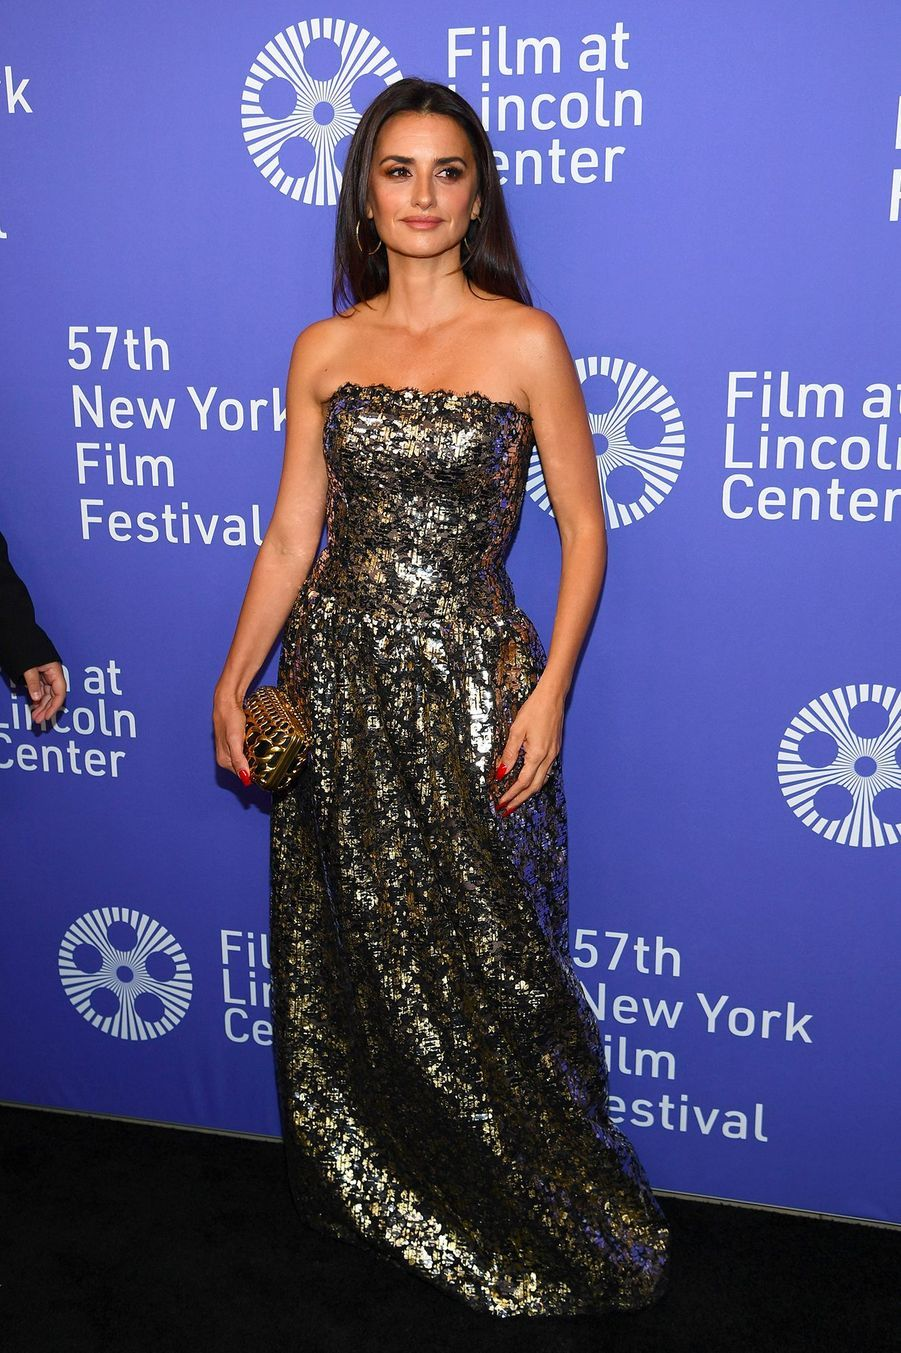 Penélope Cruzétait ce week-end au Festival du film de New York pour présenter son dernier film, Wasp Network, réalisé par le Français Olivier Assayas.